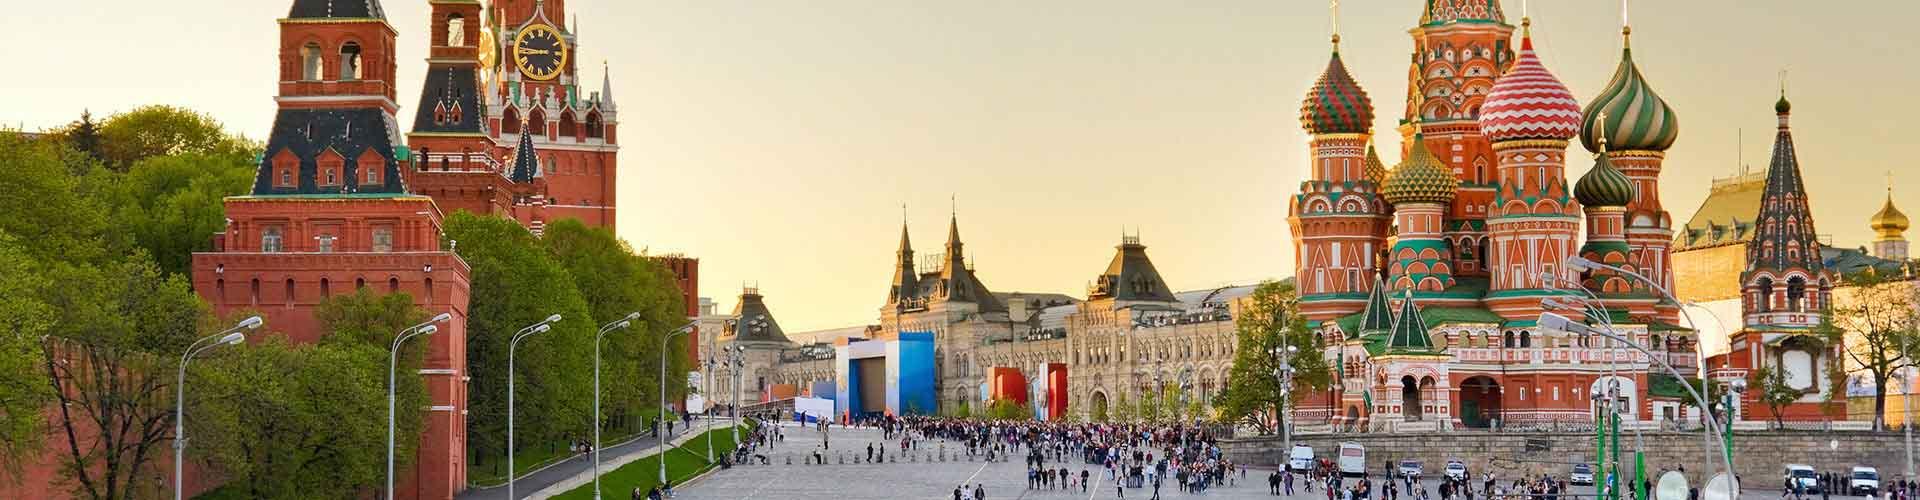 Moscú - Campamentos cerca a Saint Basil's Cathedral. Mapas de Moscú, Fotos y comentarios de cada Campamento en Moscú.